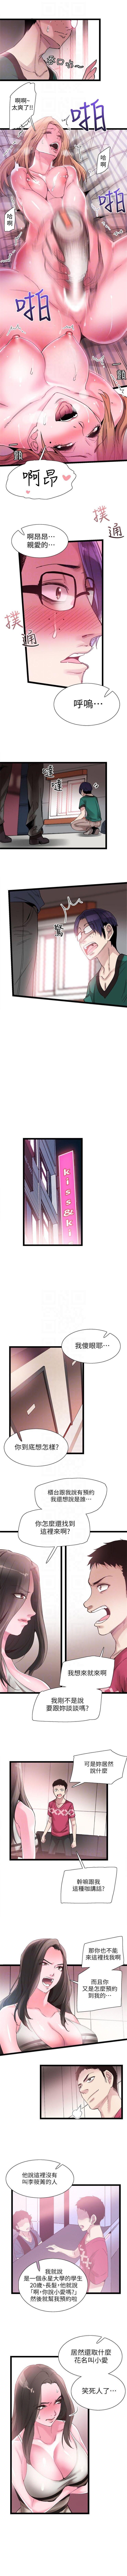 校园live秀 1-20 中文翻译(更新中) 83